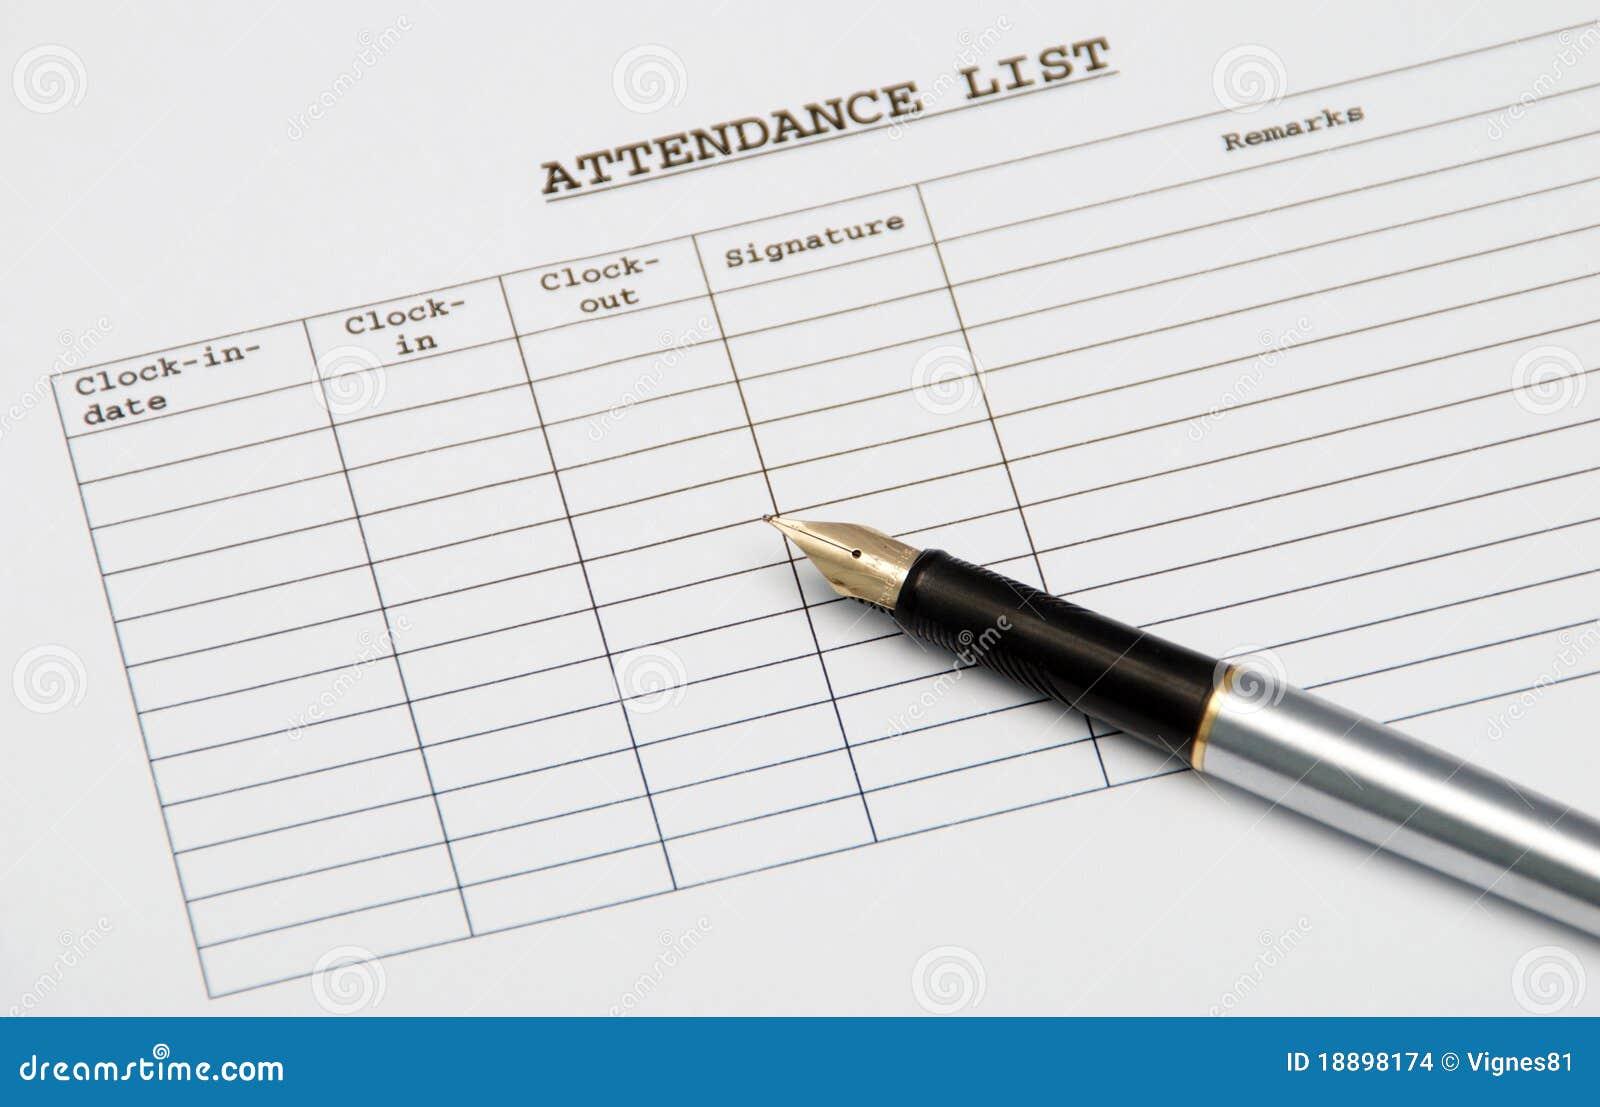 Lista de comparecimento